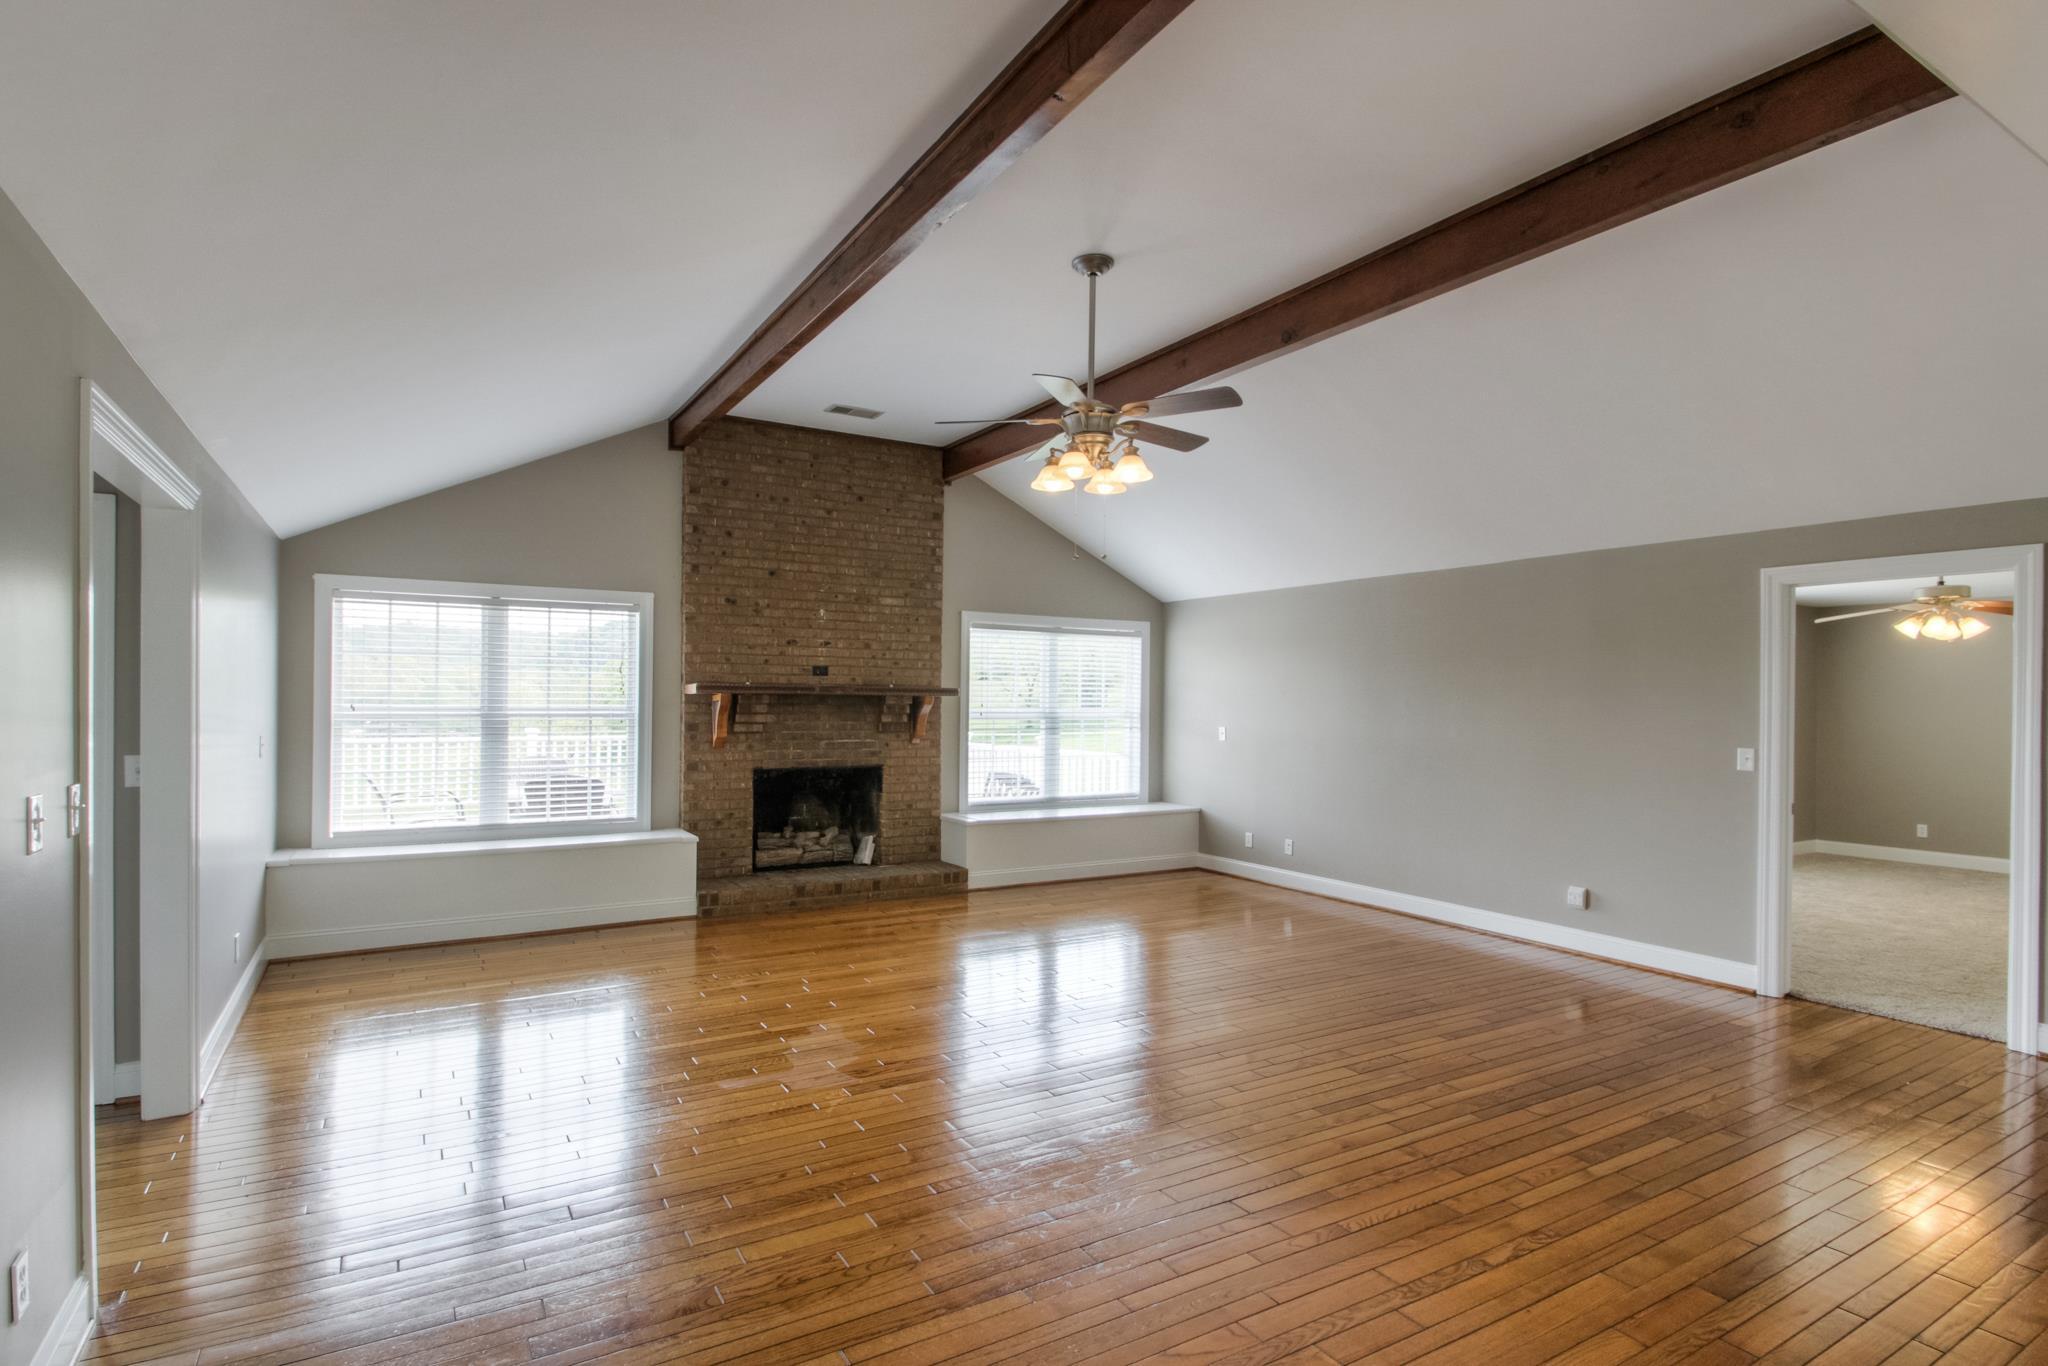 400 Hannah Gap Rd, Petersburg, TN 37144 - Petersburg, TN real estate listing